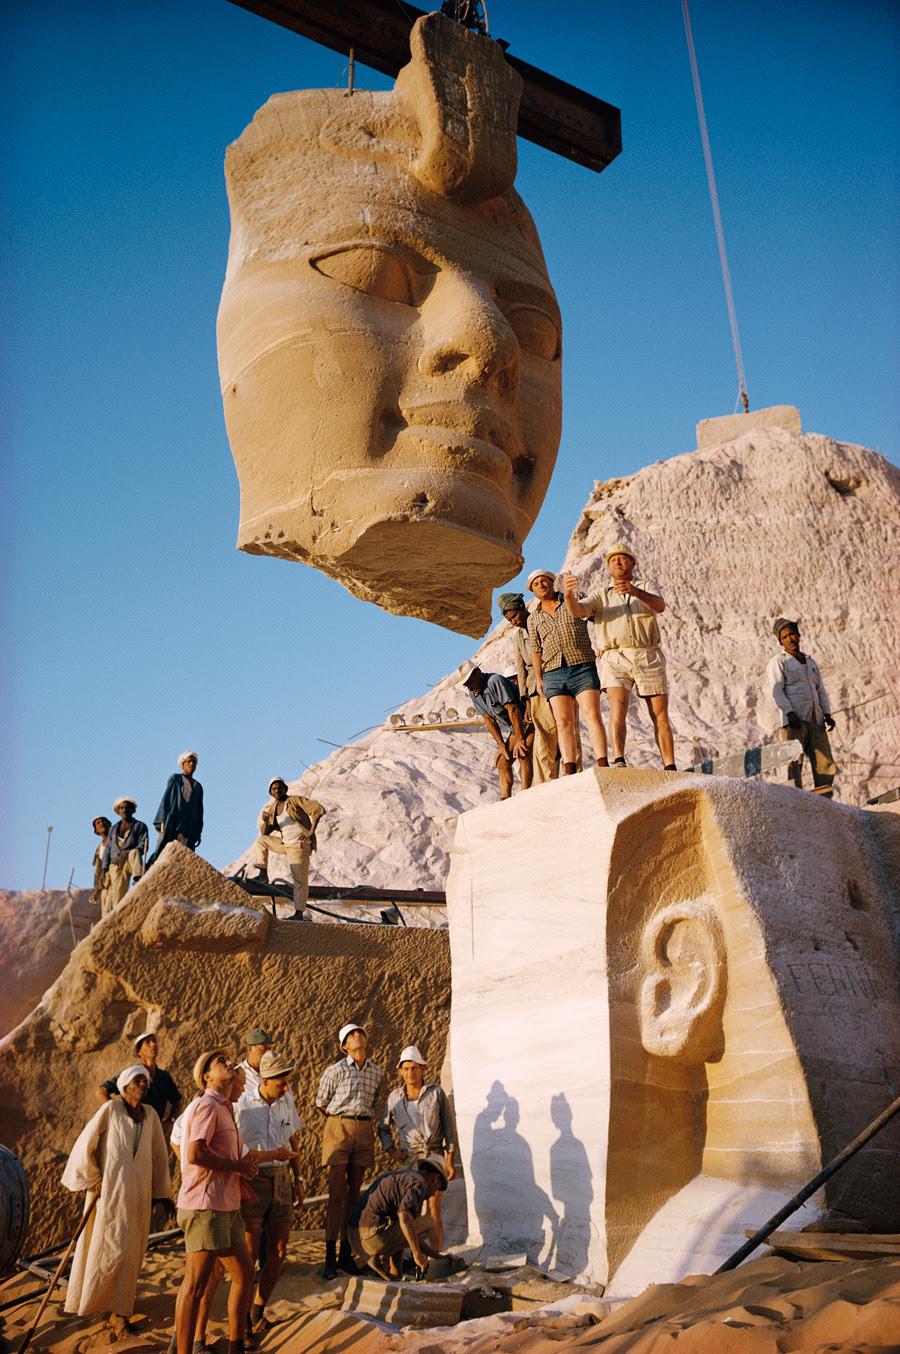 Las grúas levantan la cara de una estatua de los templos de Abu Simbel en Egipto, mayo 1966.Photograph de Georg Gerster, National Geographic